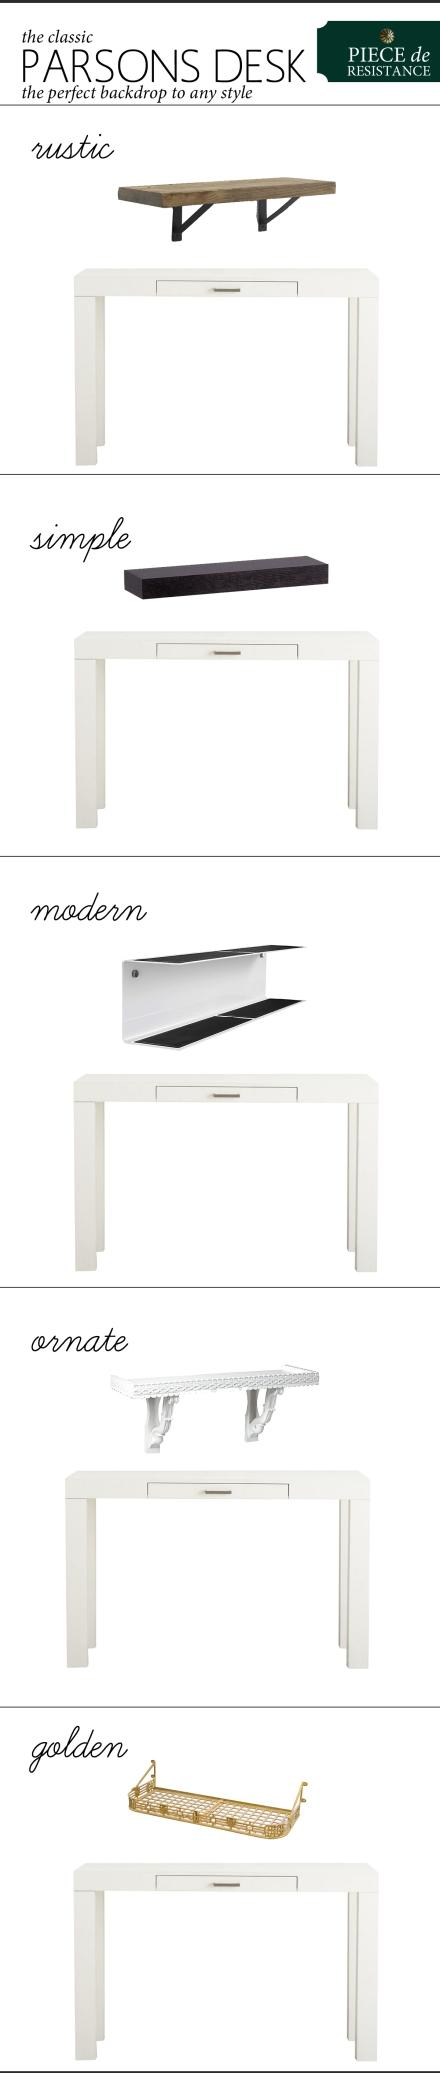 parsons-desk-any-style copy